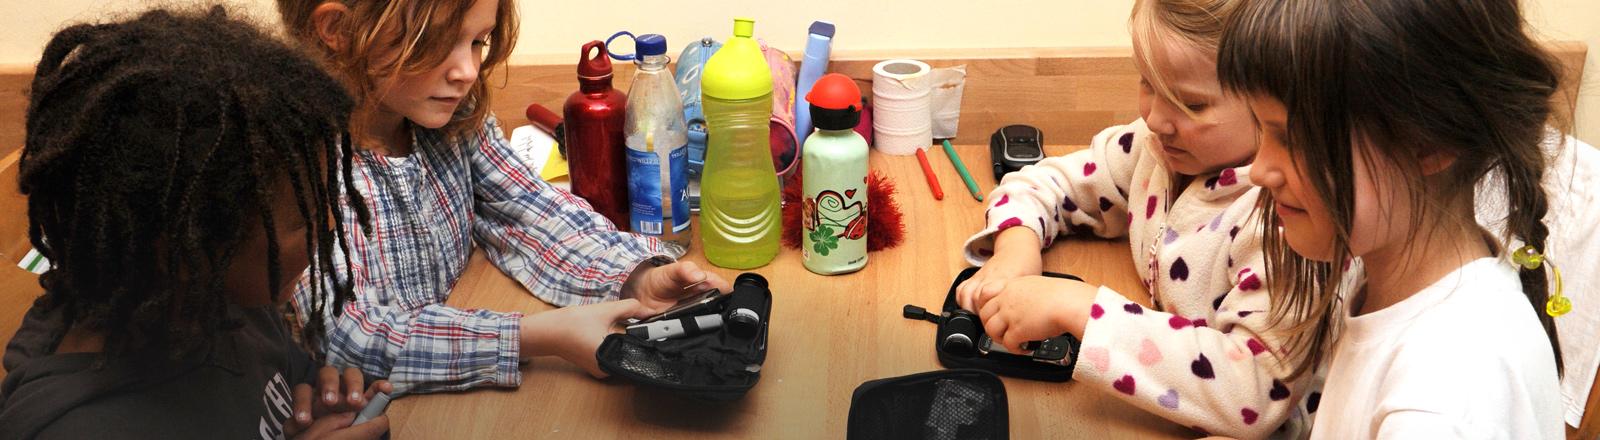 Kinder mit Diabetes sitzen gemeinsam Tisch vor ihren Blutzuckermessgeräten.